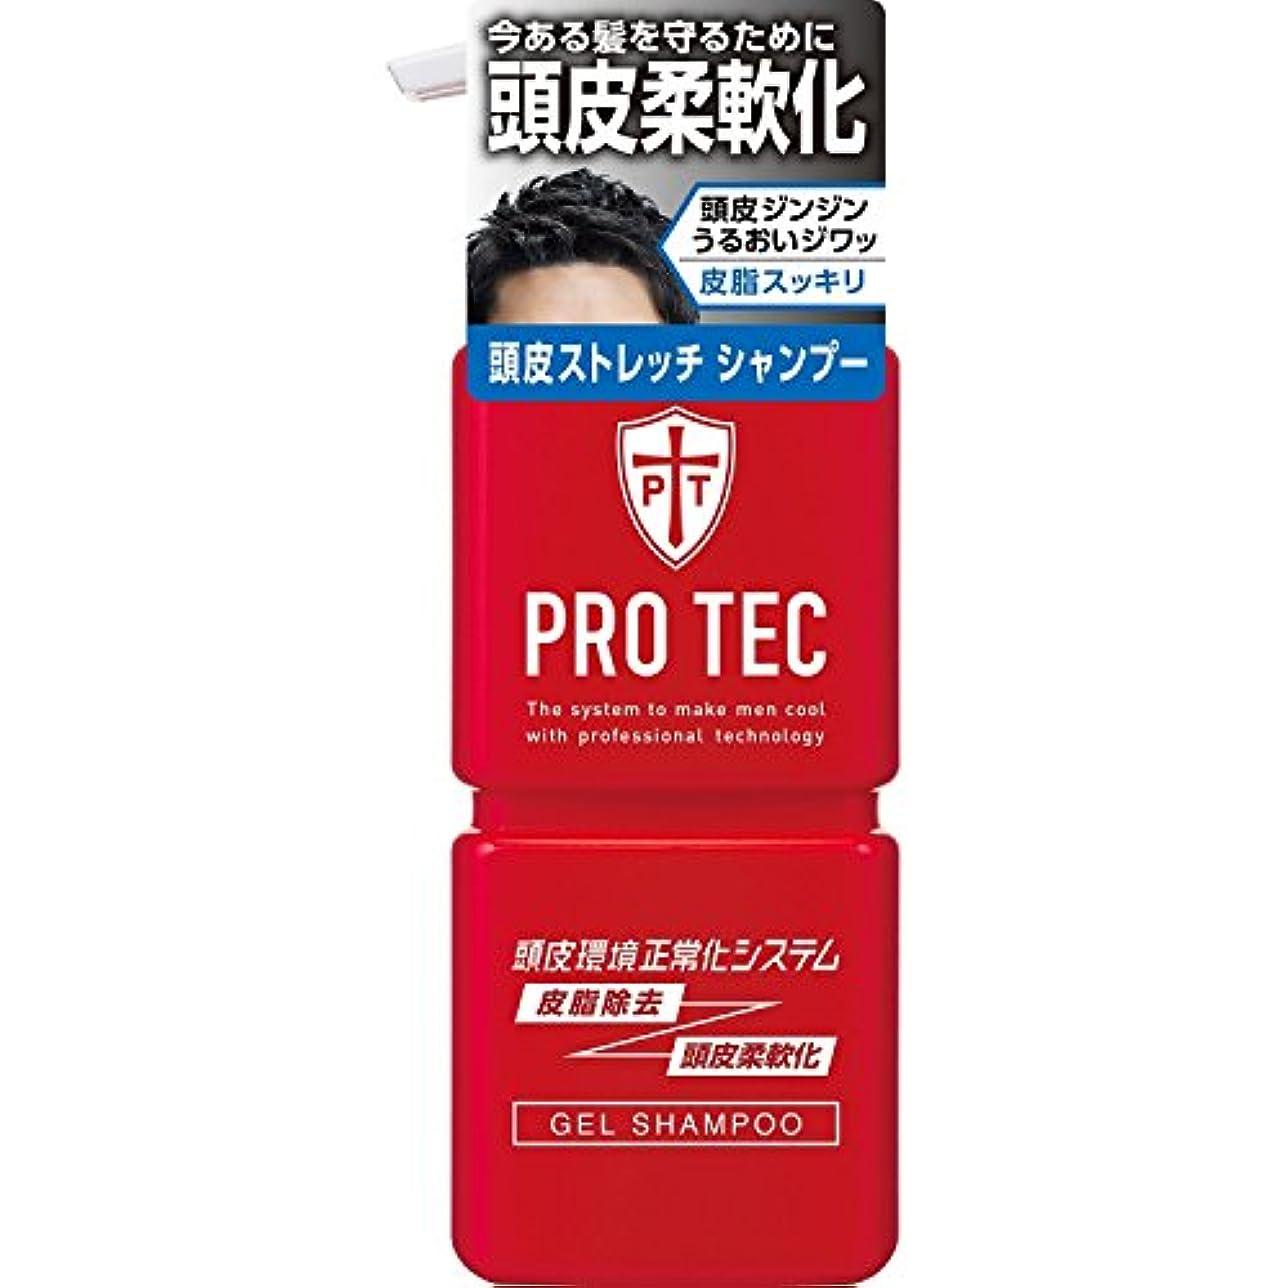 不振作り上げるトライアスリートPRO TEC(プロテク) 頭皮ストレッチ シャンプー 本体ポンプ 300g(医薬部外品)